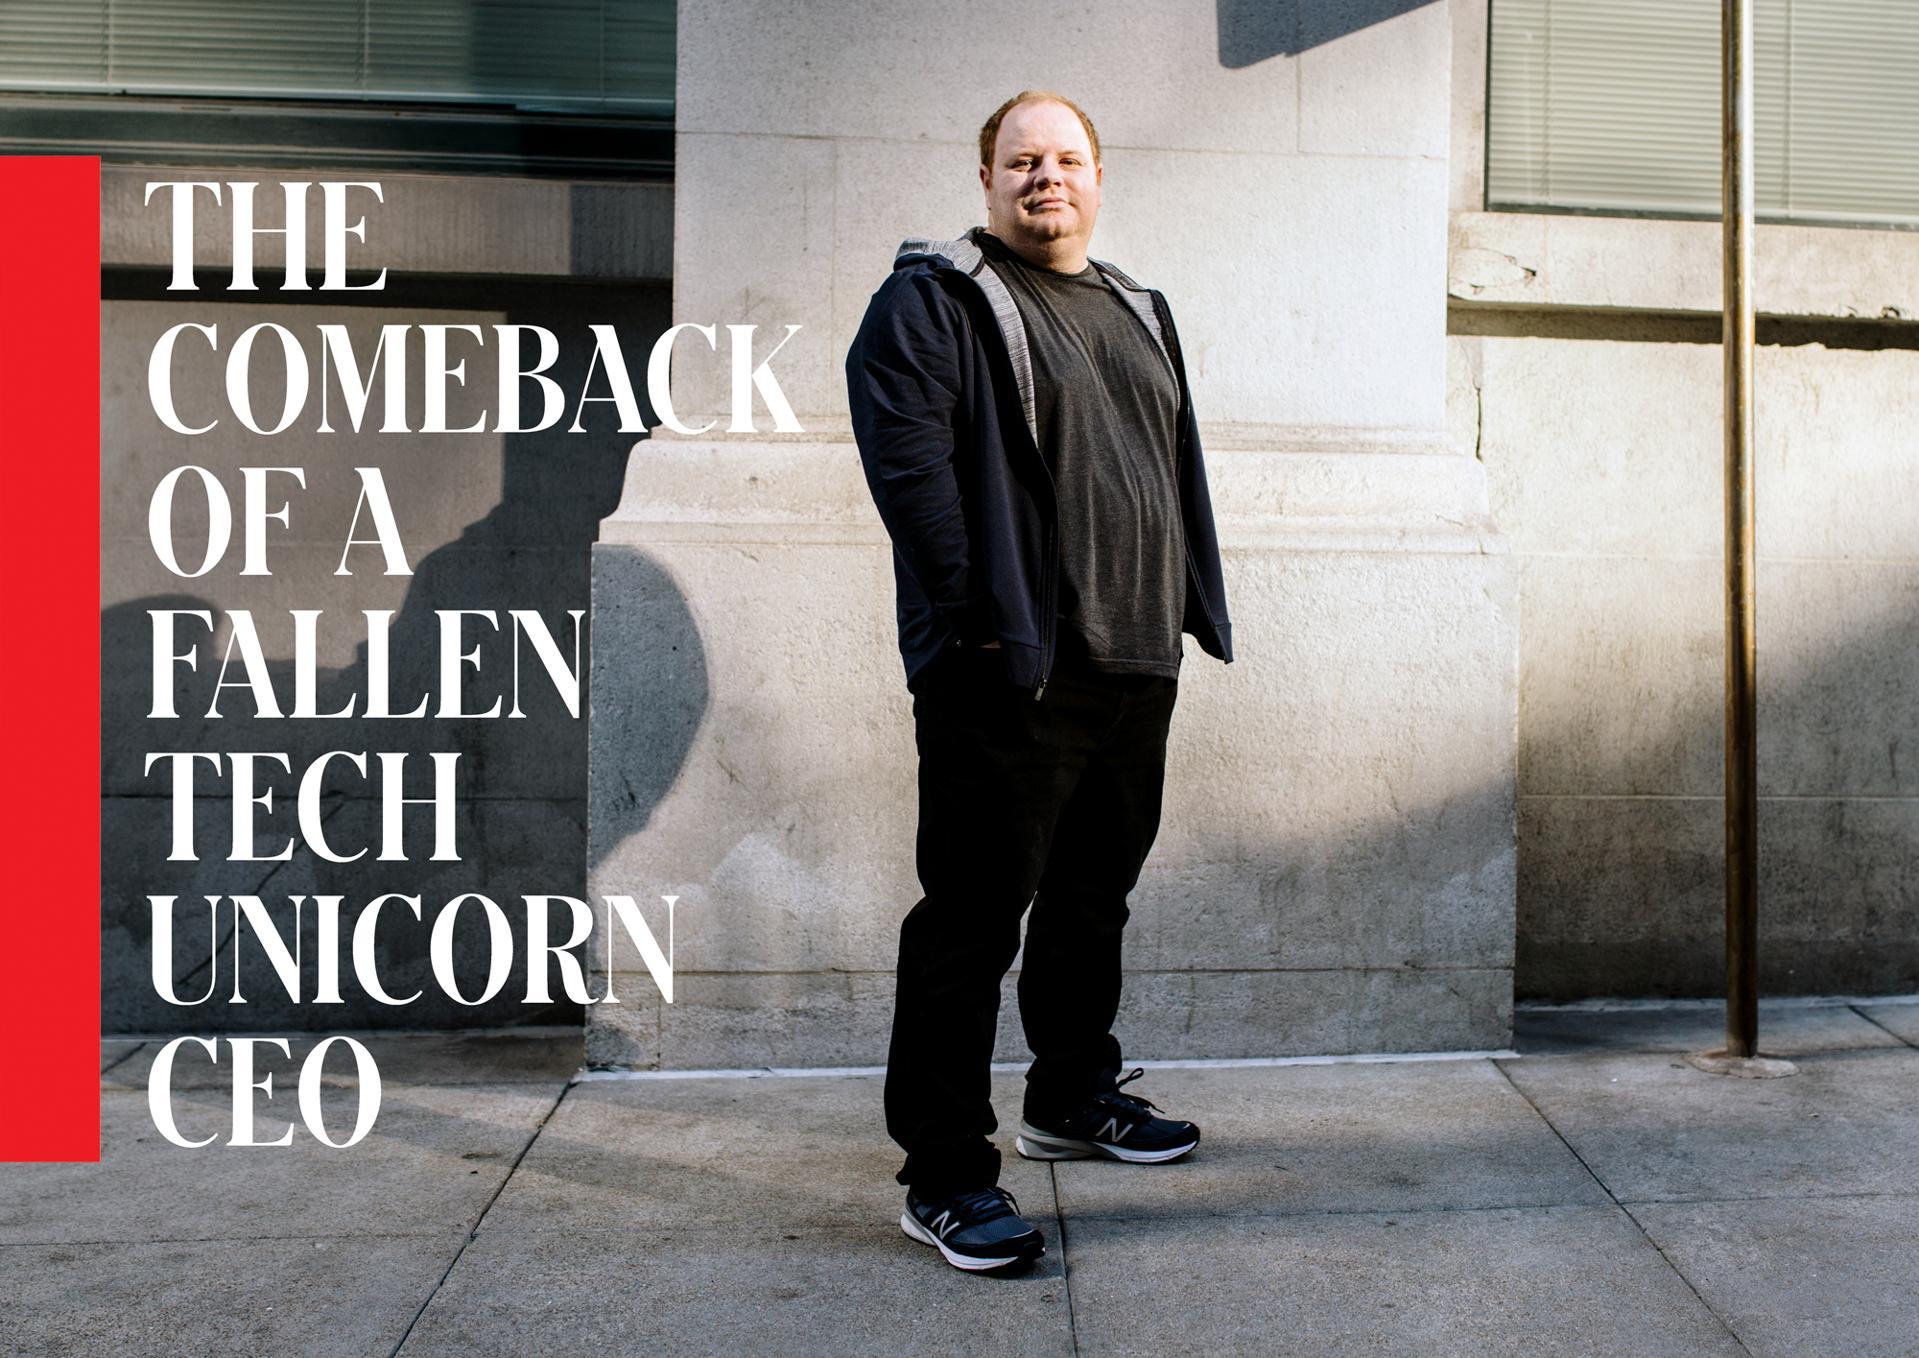 The Comeback Of A Fallen Tech Unicorn CEO